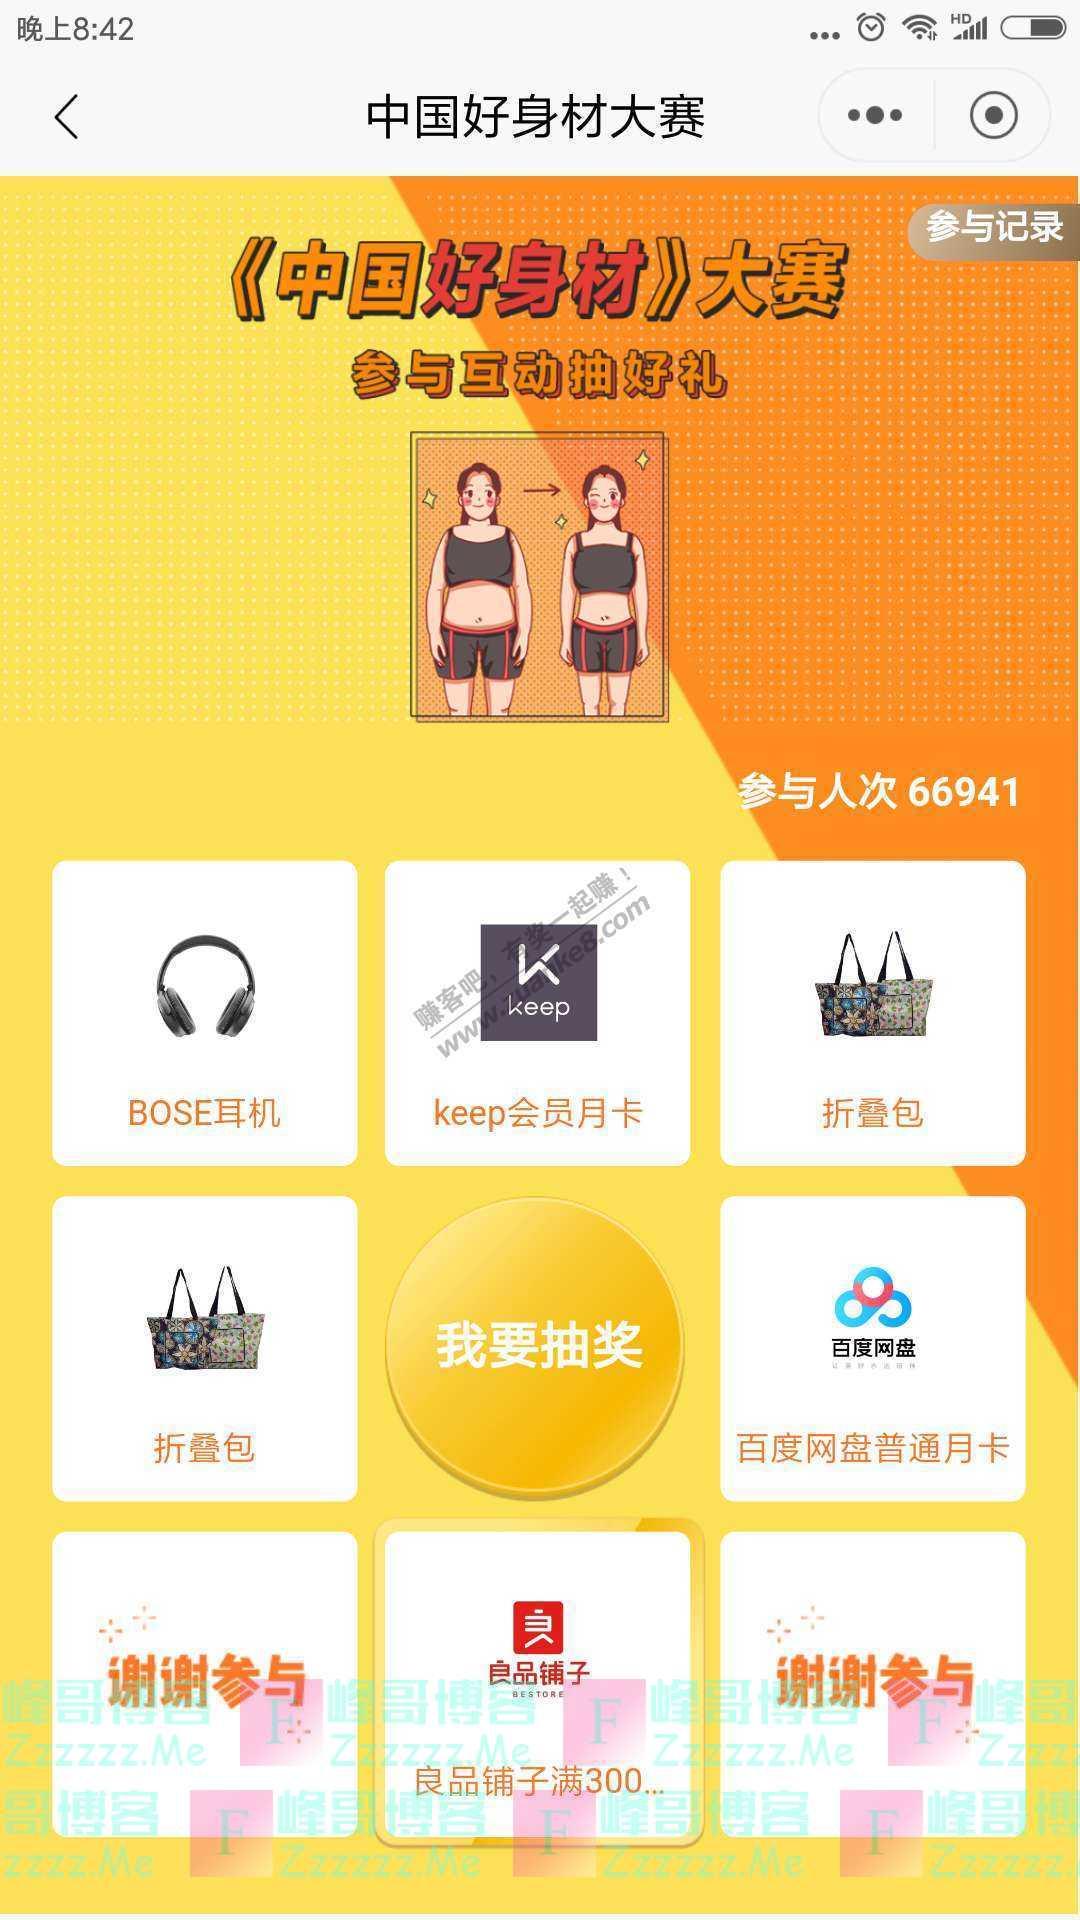 招商银行app中国好身材大赛(截止8月10日)